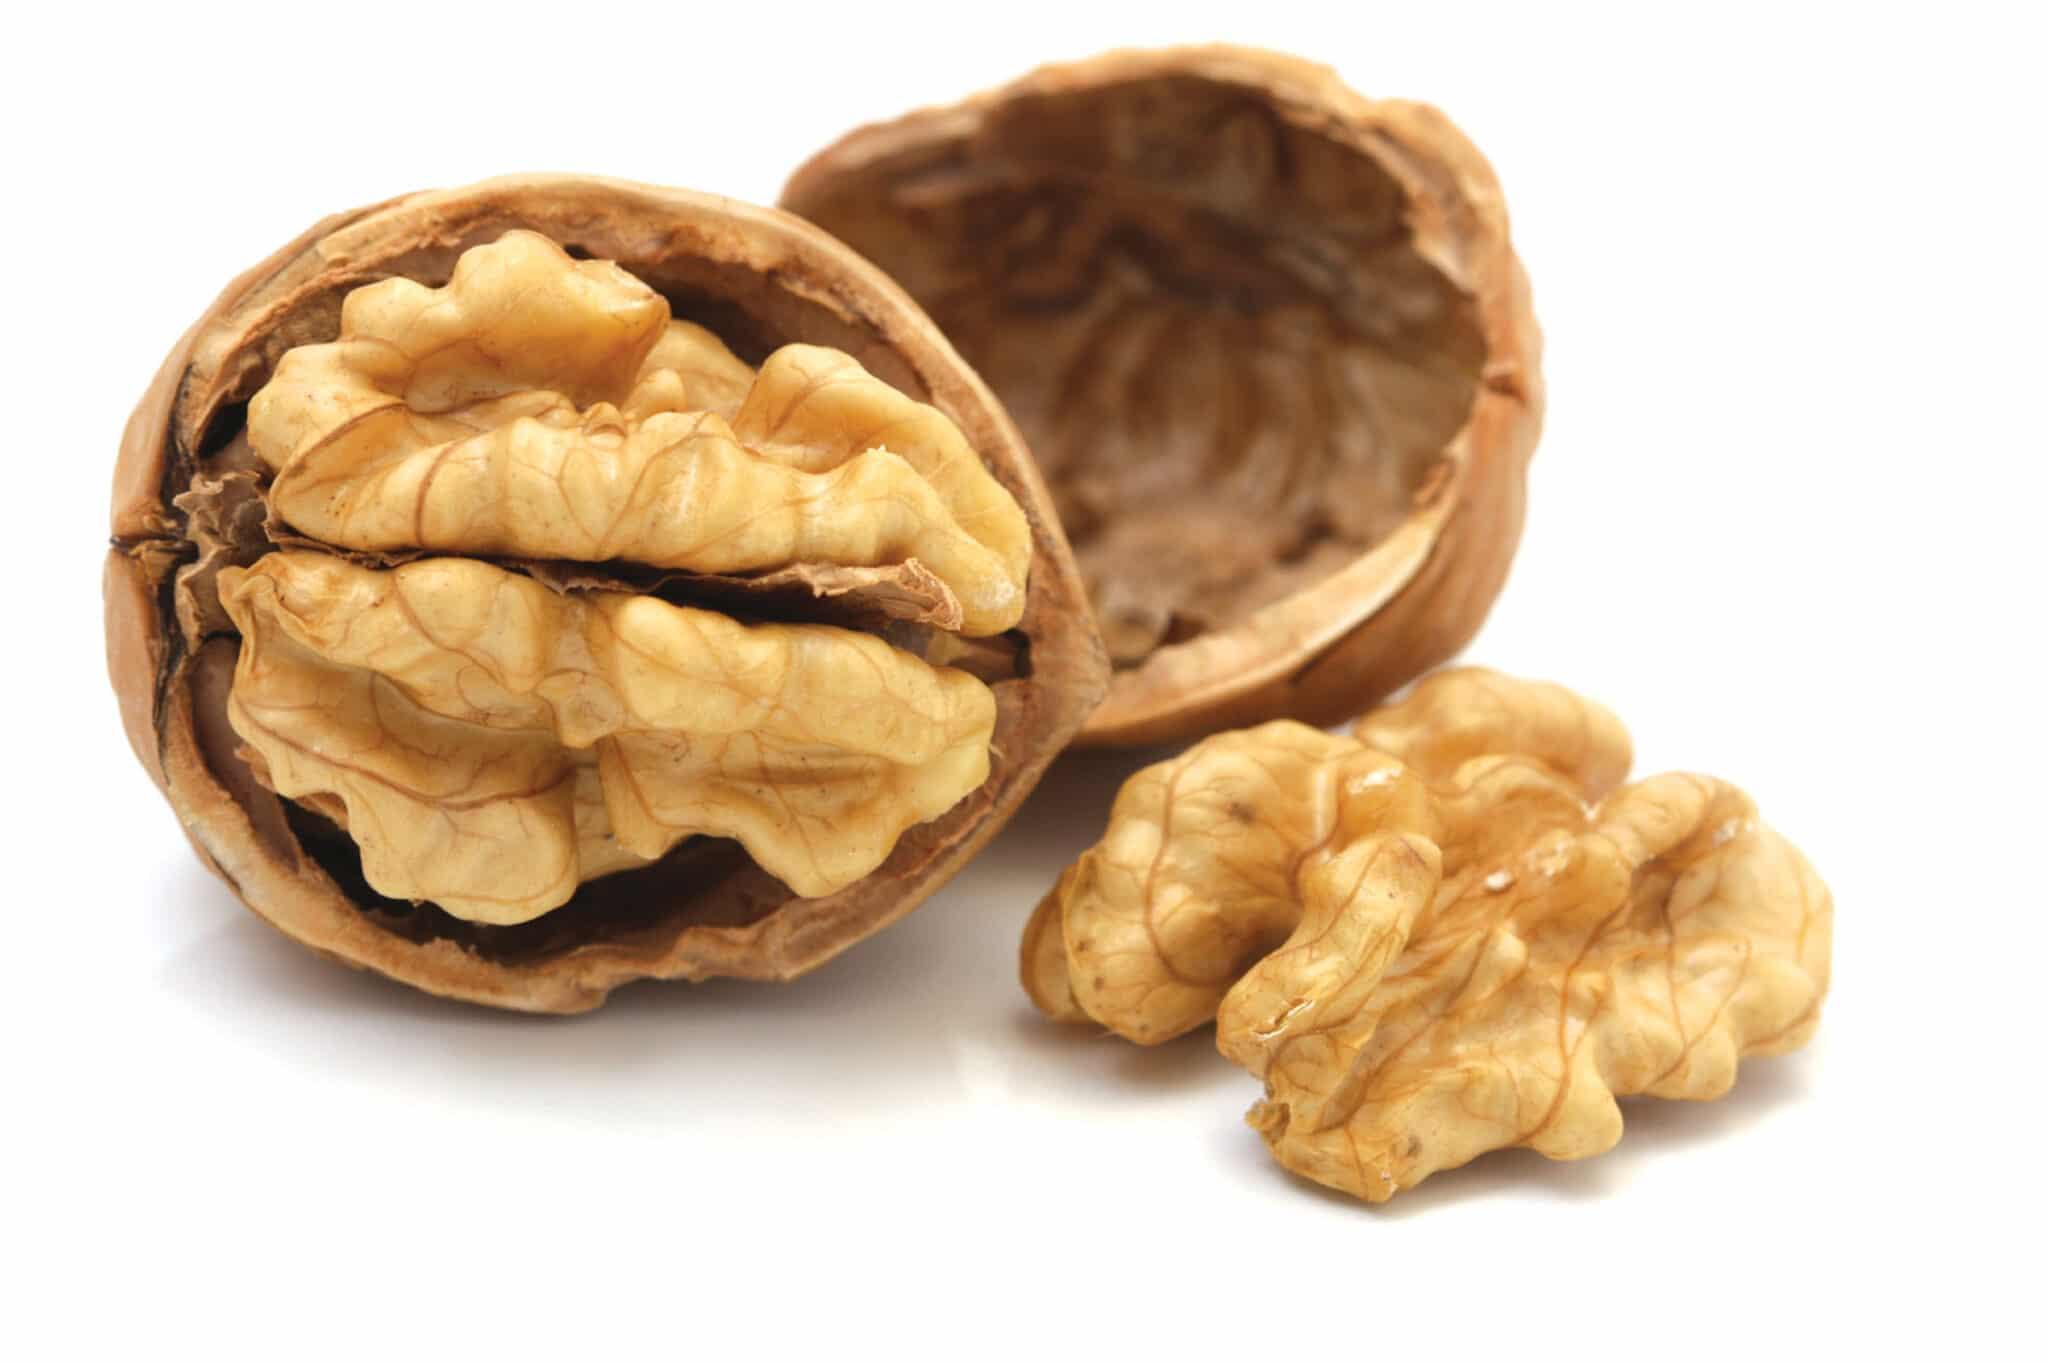 Prevenire problemi cardiaci e cancro con una piccola quantità di noci o noccioline al giorno